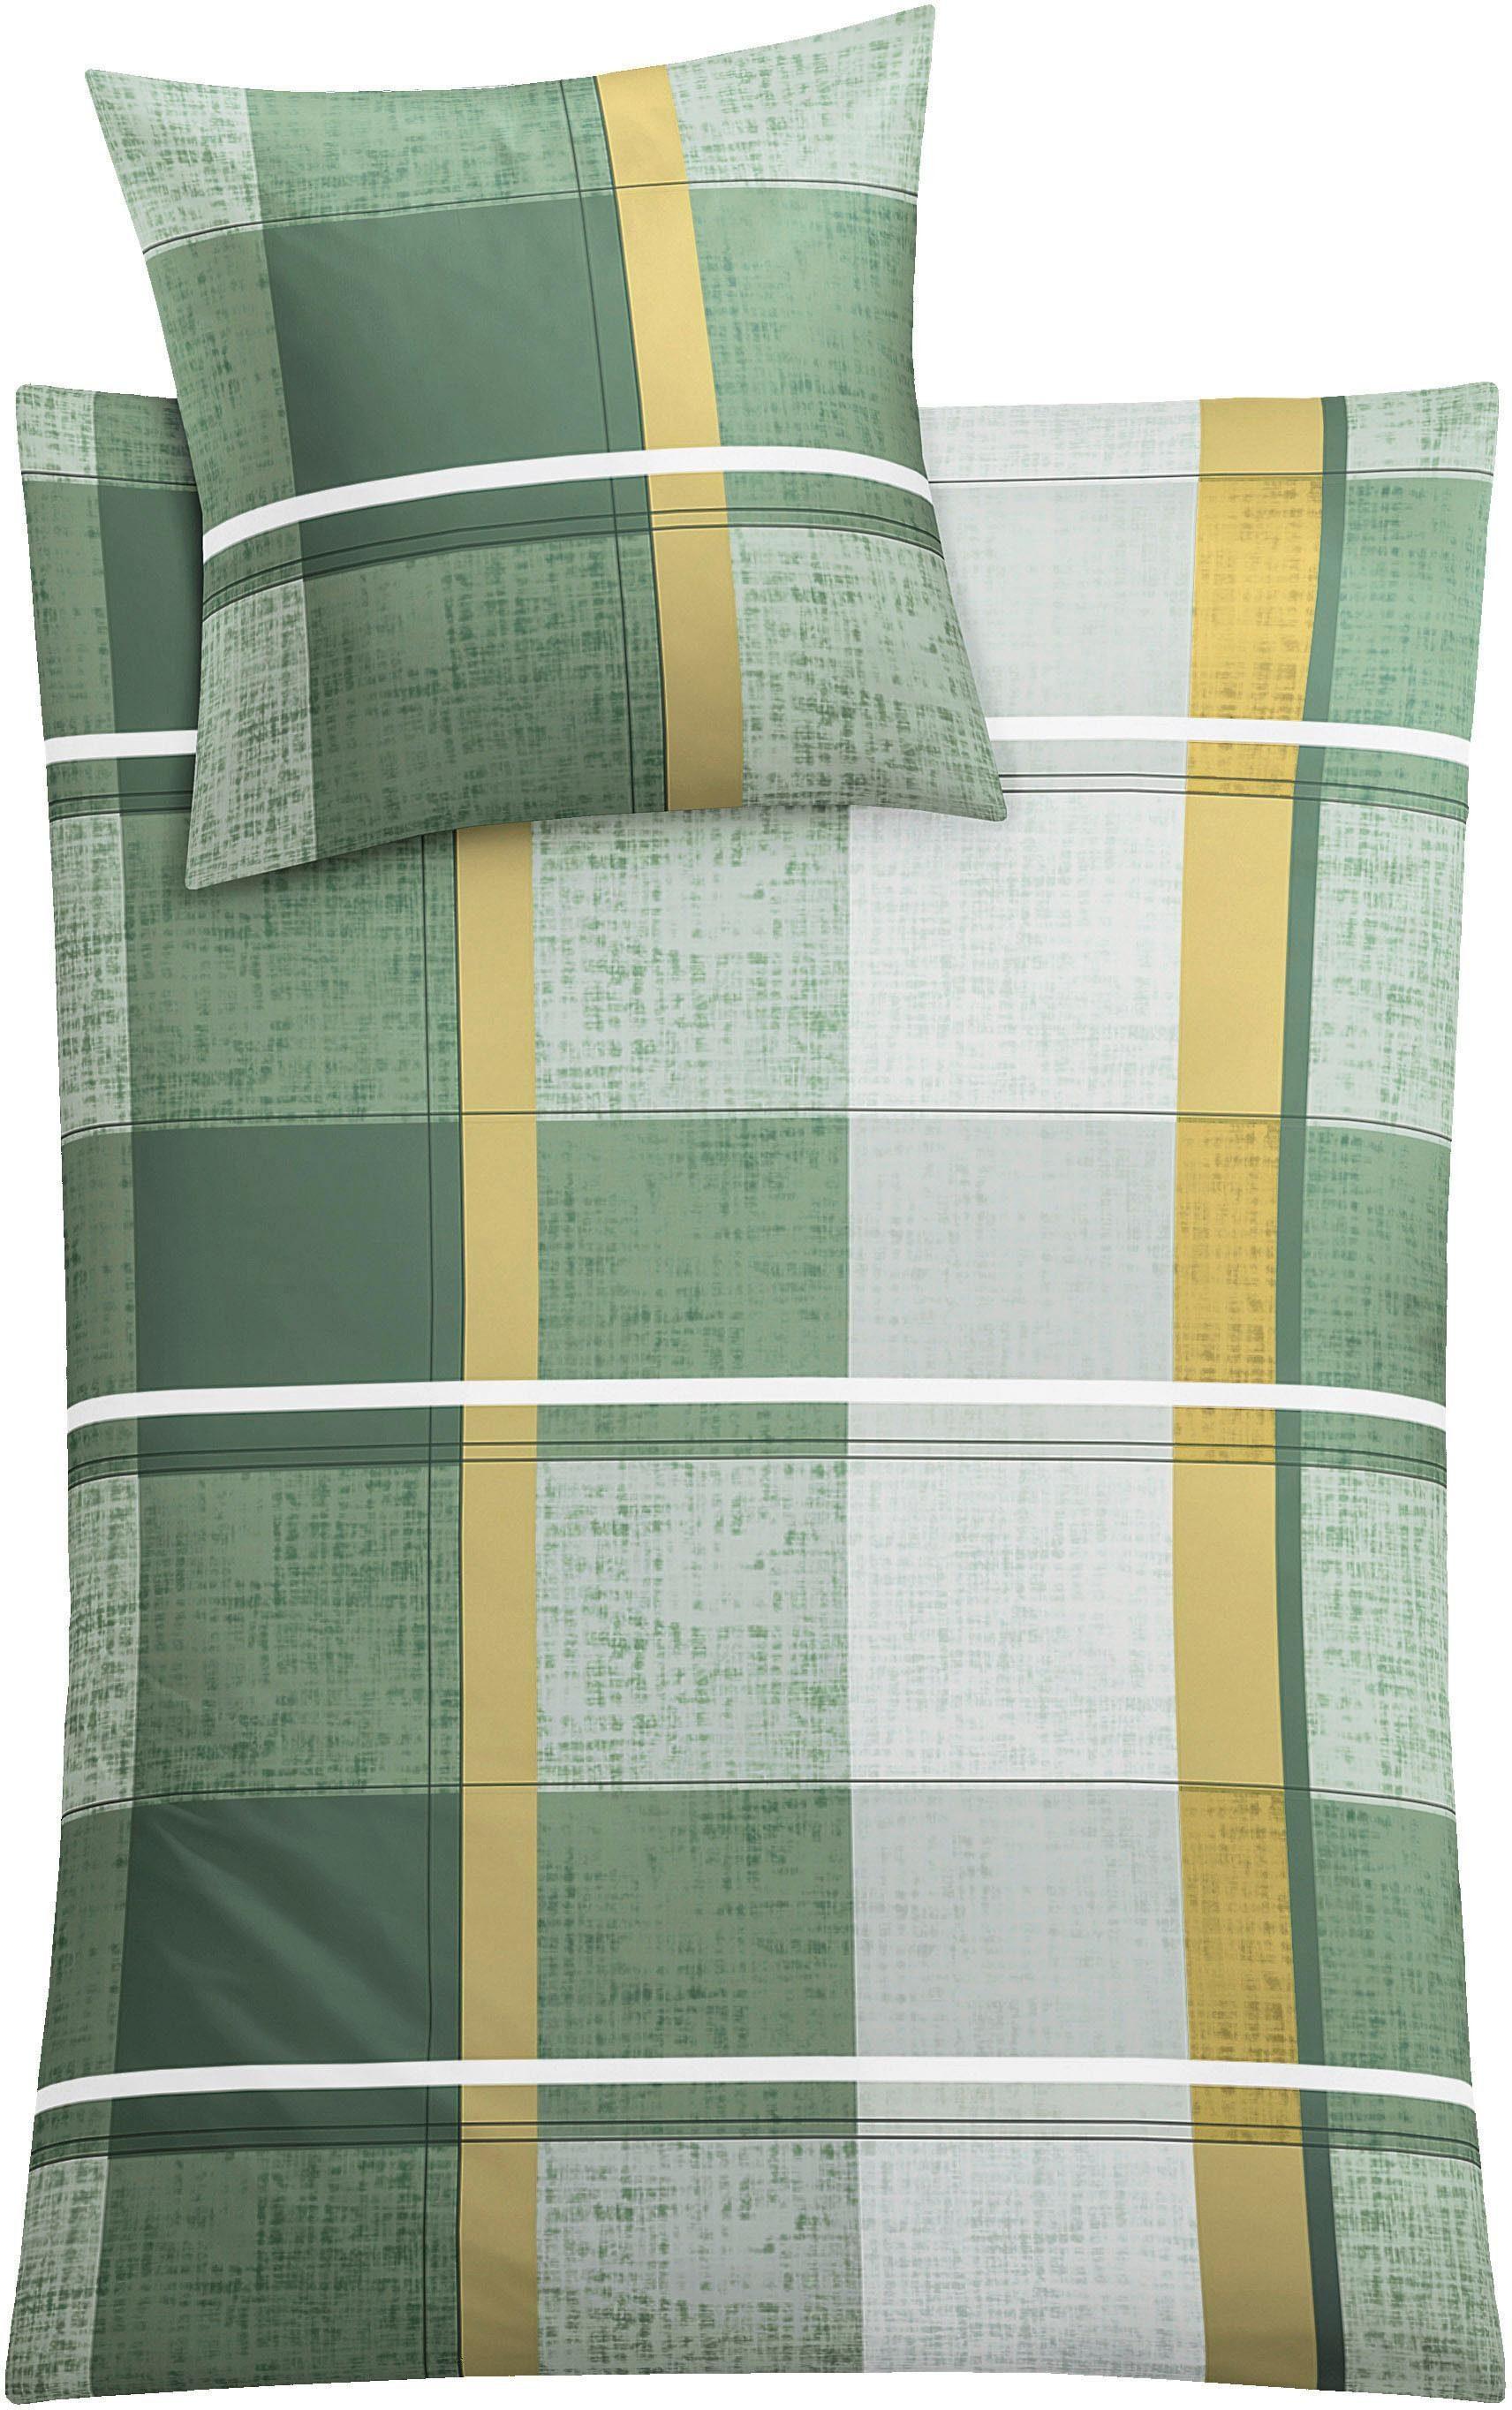 Kleine Wolke Bettwäsche Tara, auffälliges Design/Muster in strahlender Farbkombination